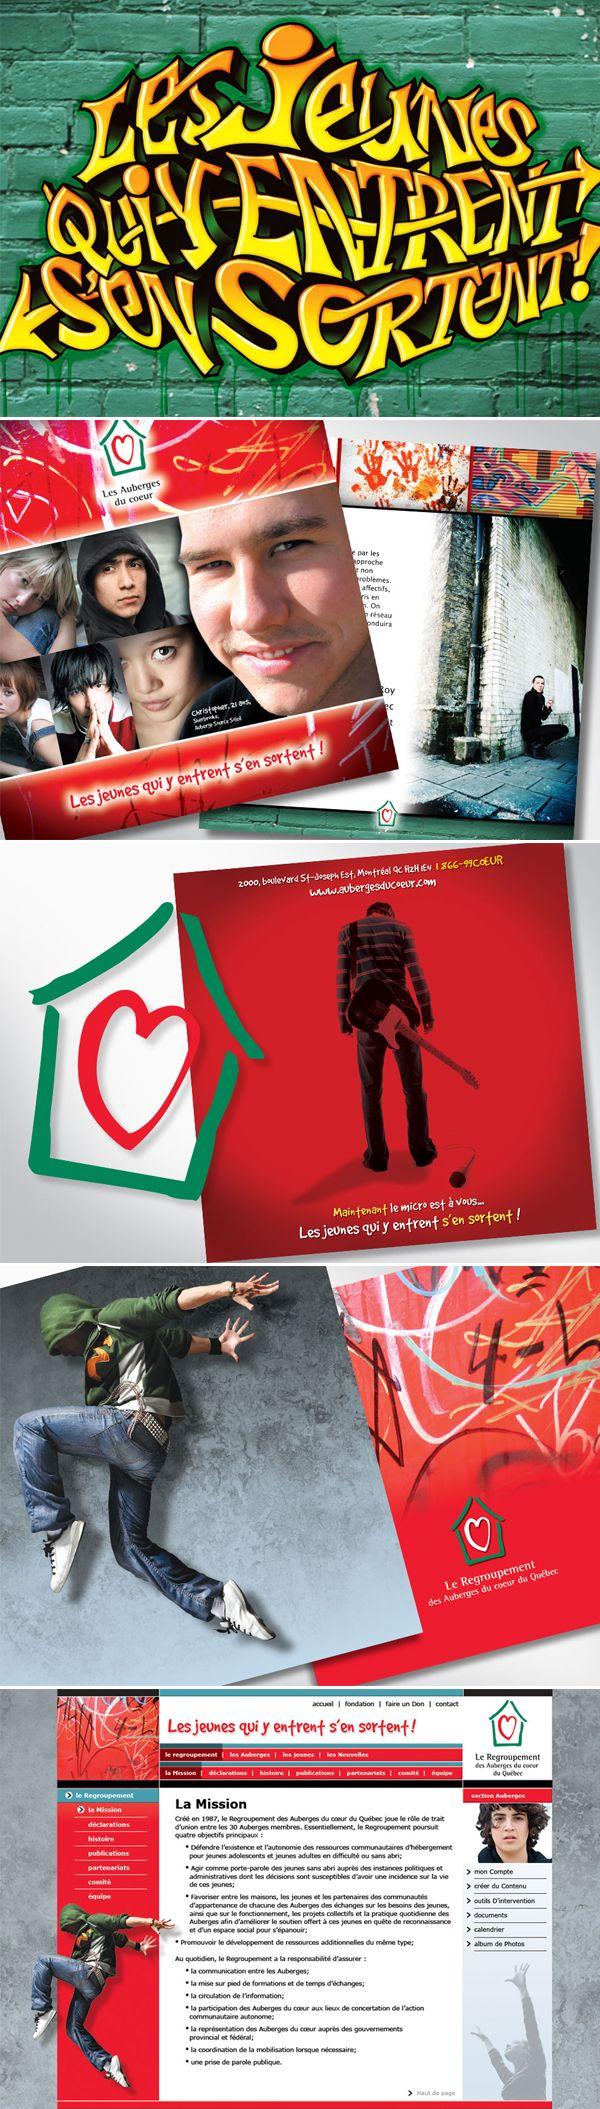 Les Auberges du Cœur  Quelques projets bénévoles avec Le regroupement des Auberges du Cœur du Québec pour une cause qui nous tiens à cœur : les jeunes.  Nous avons développé une nouvelle image en suivant le thème du logo : Les jeunes qui y entrent s'en sortent !